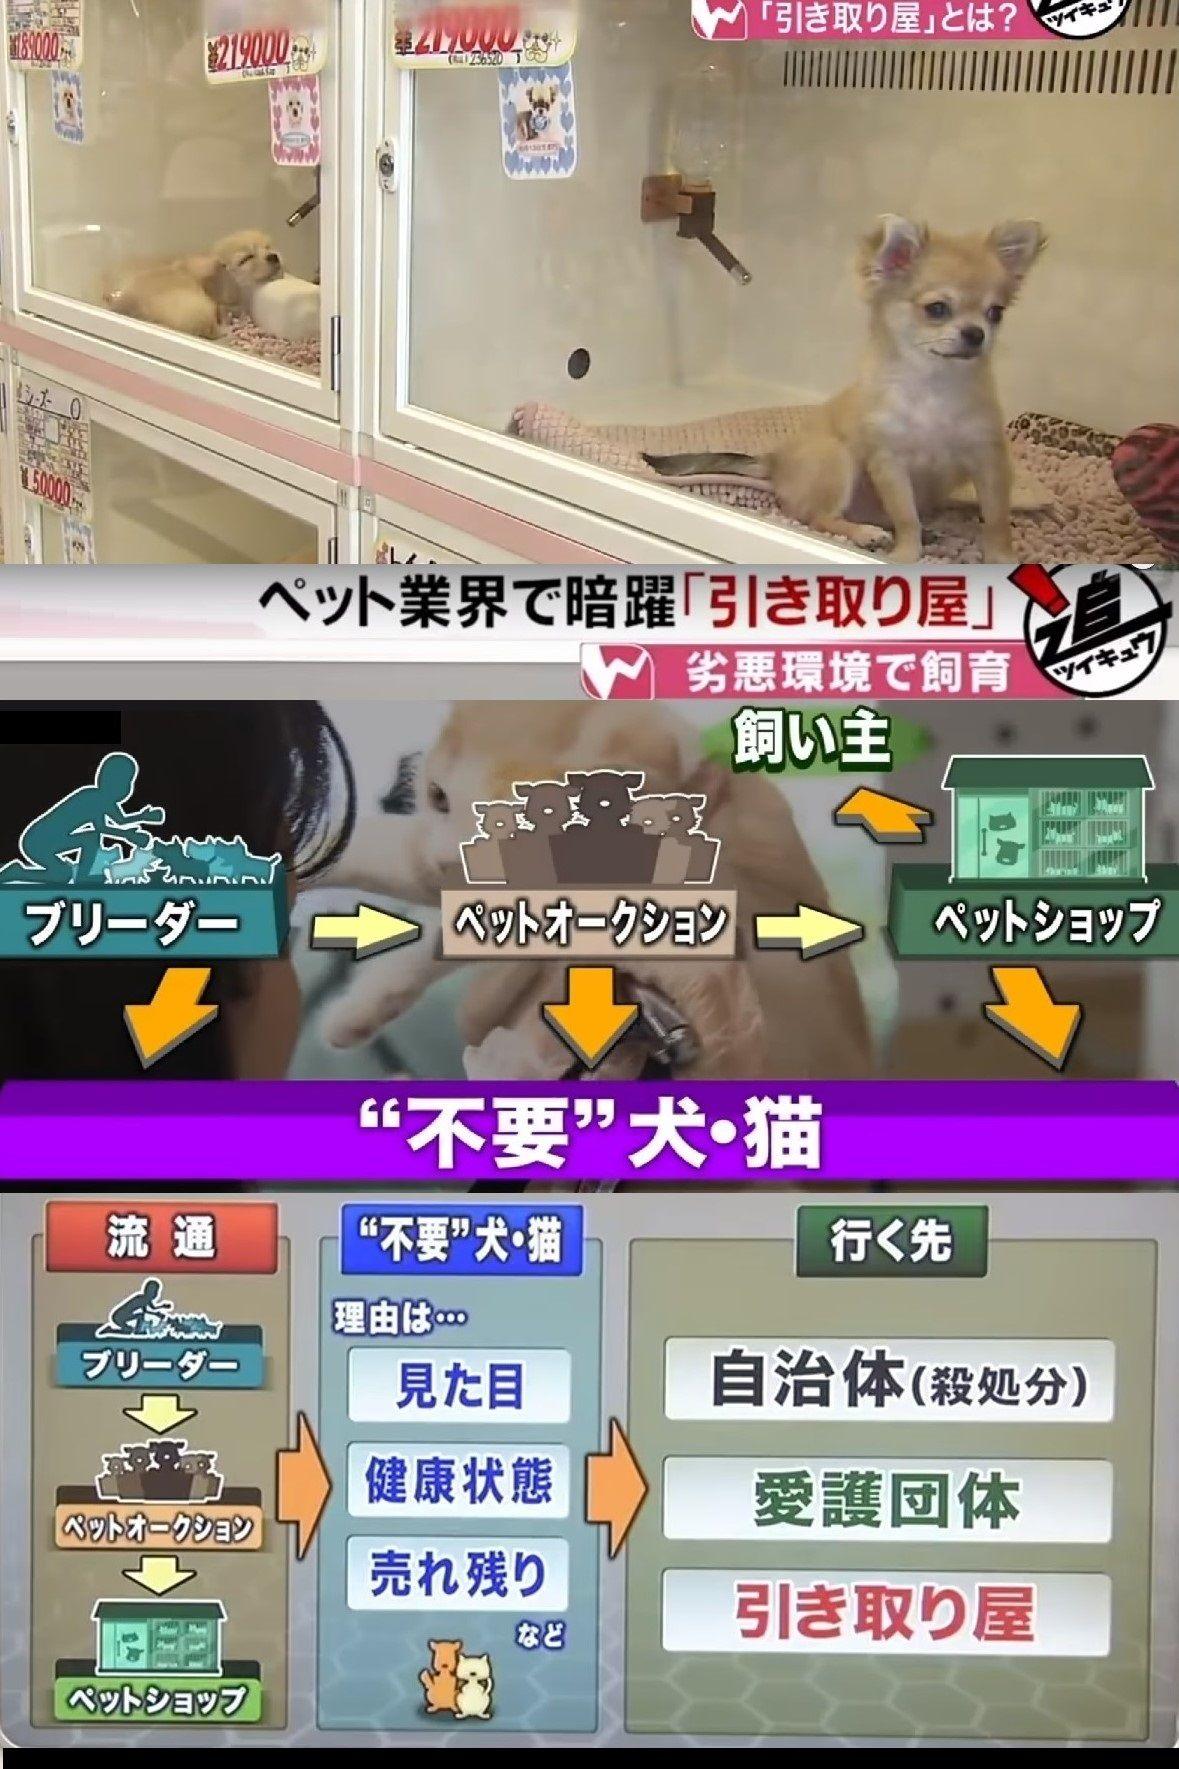 ショップ 売れ残り 猫 ペット みんなの子猫ブリーダー